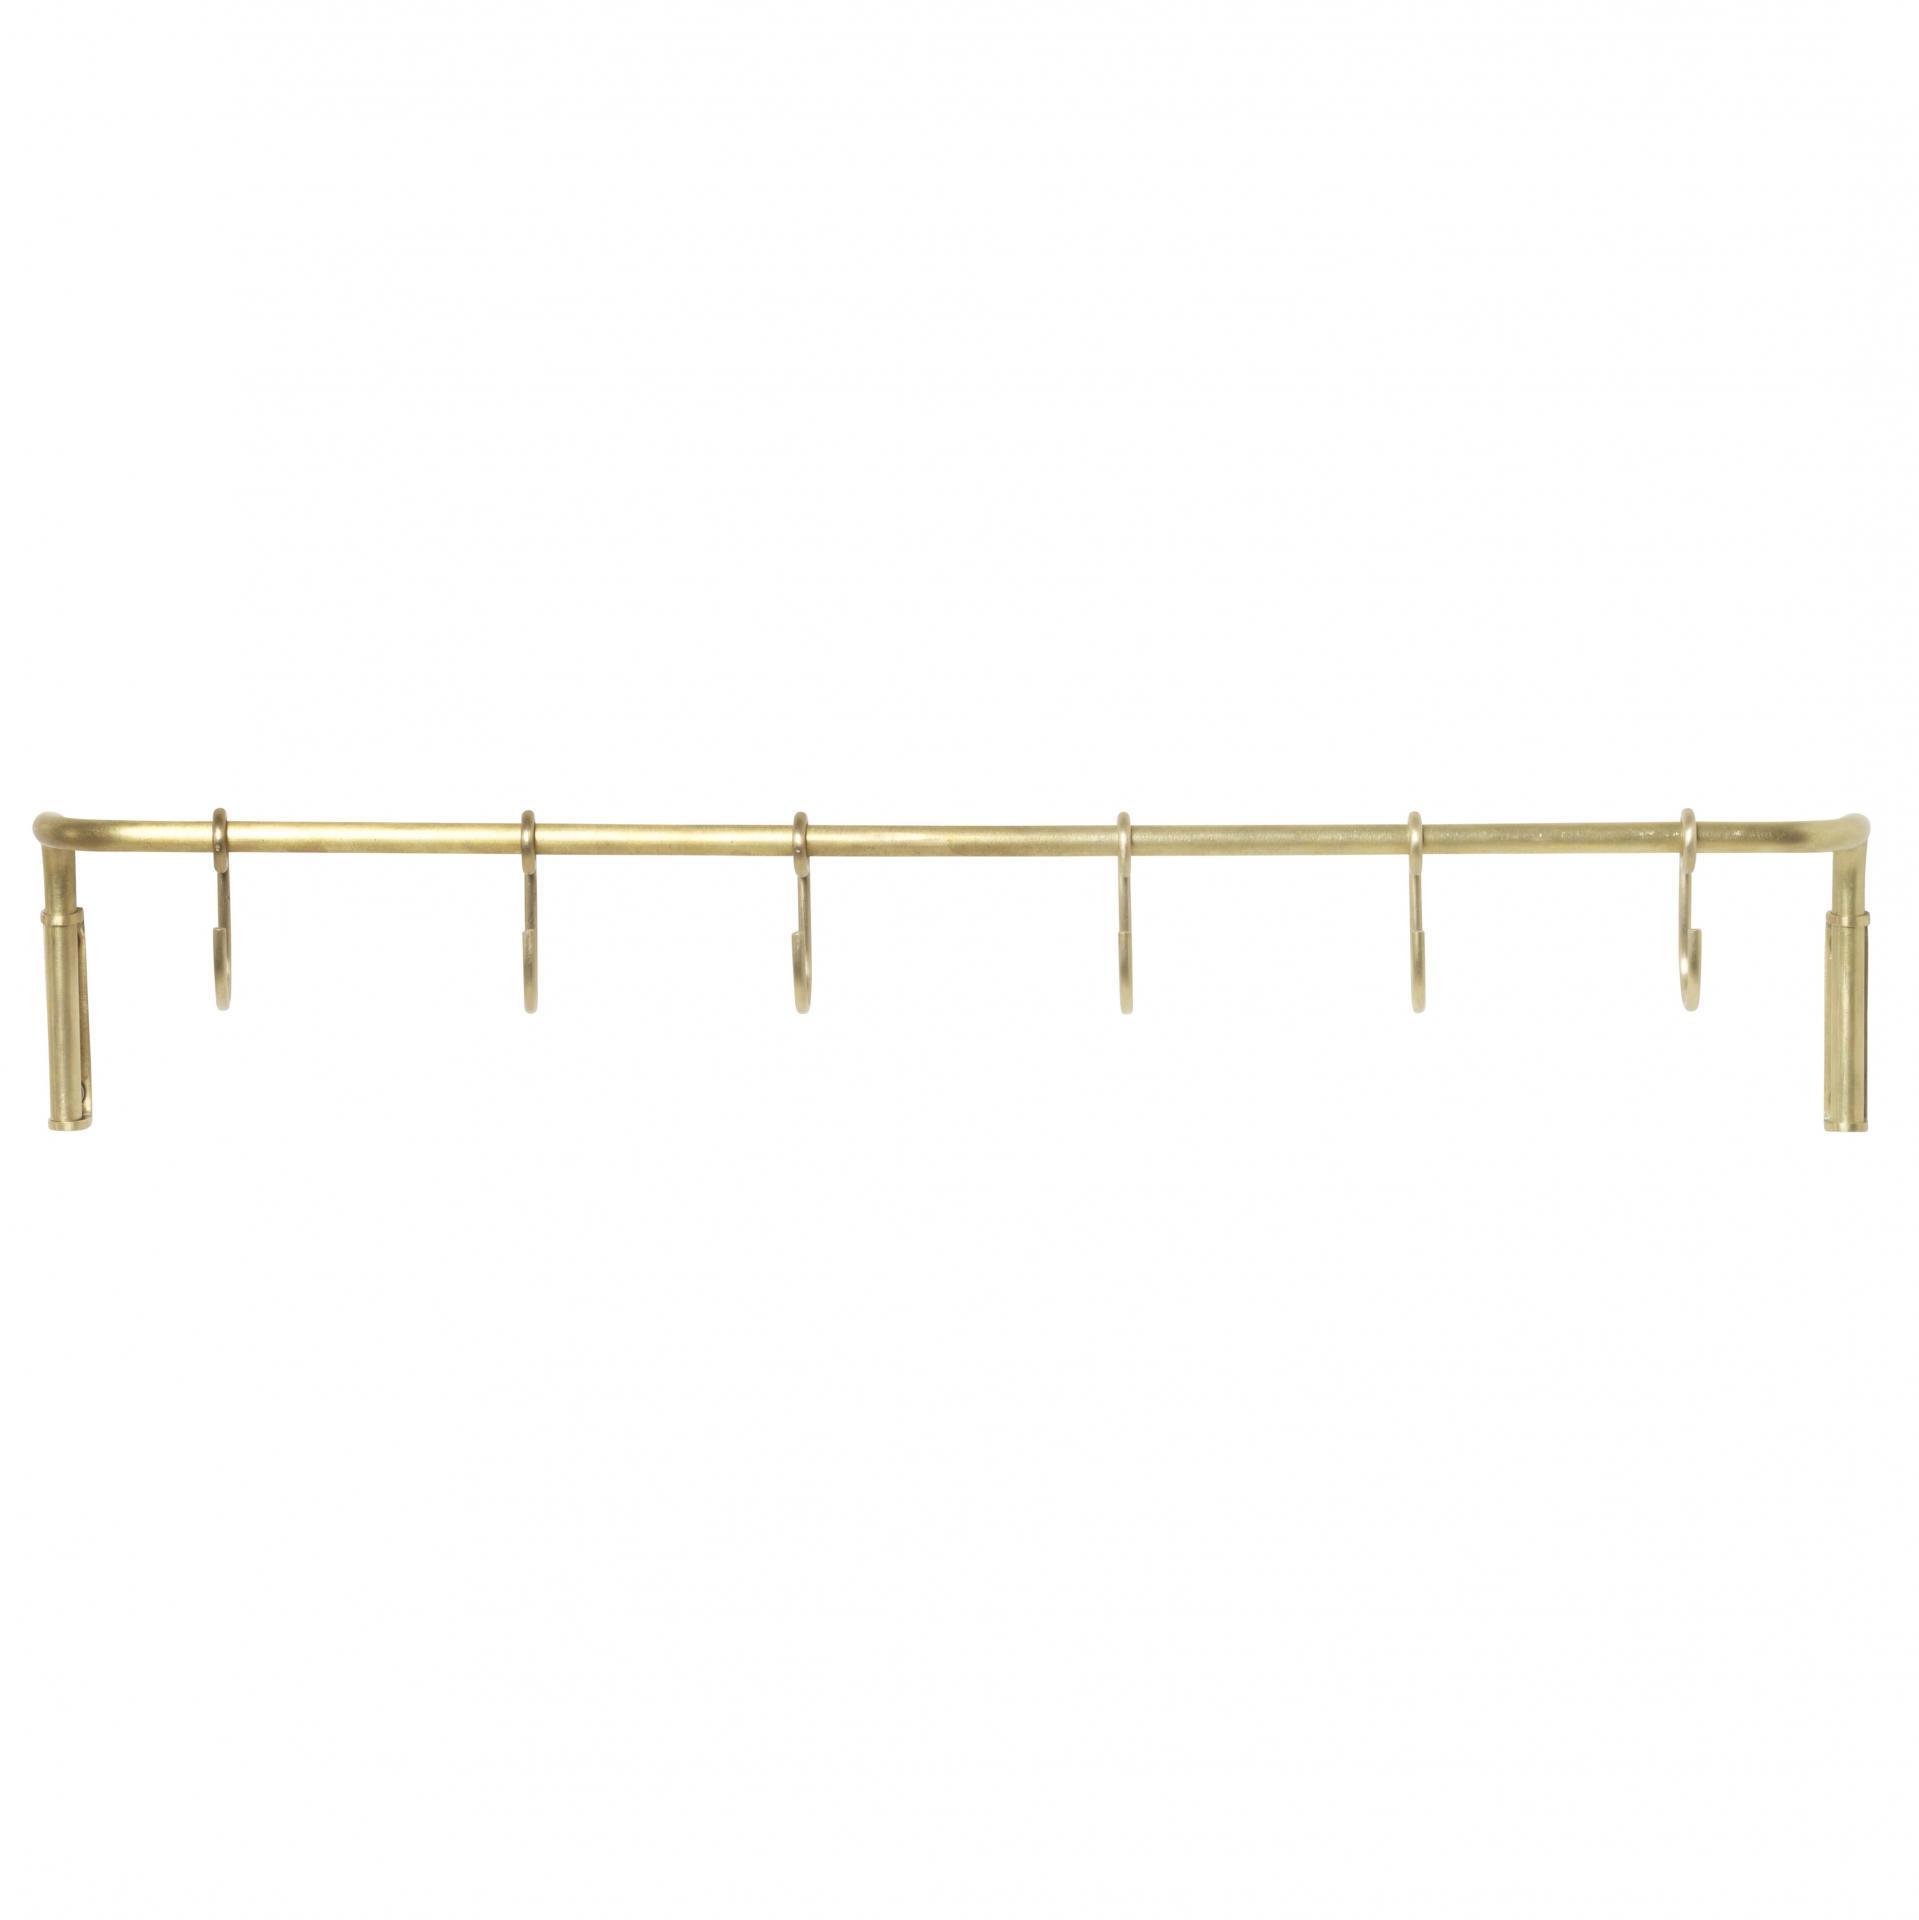 ferm LIVING Kovová tyč do kuchyně + 6 háčků Brass, zlatá barva, kov